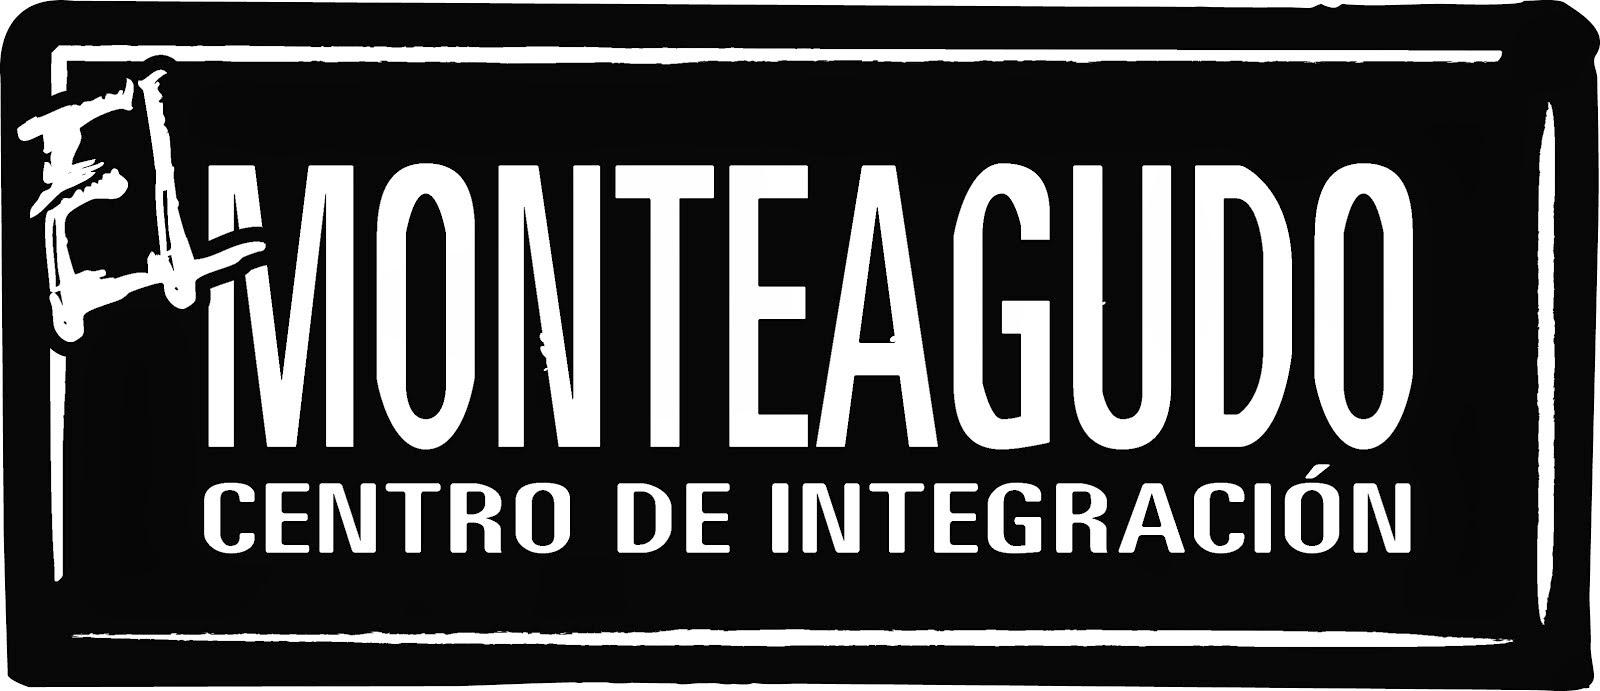 Monteagudo